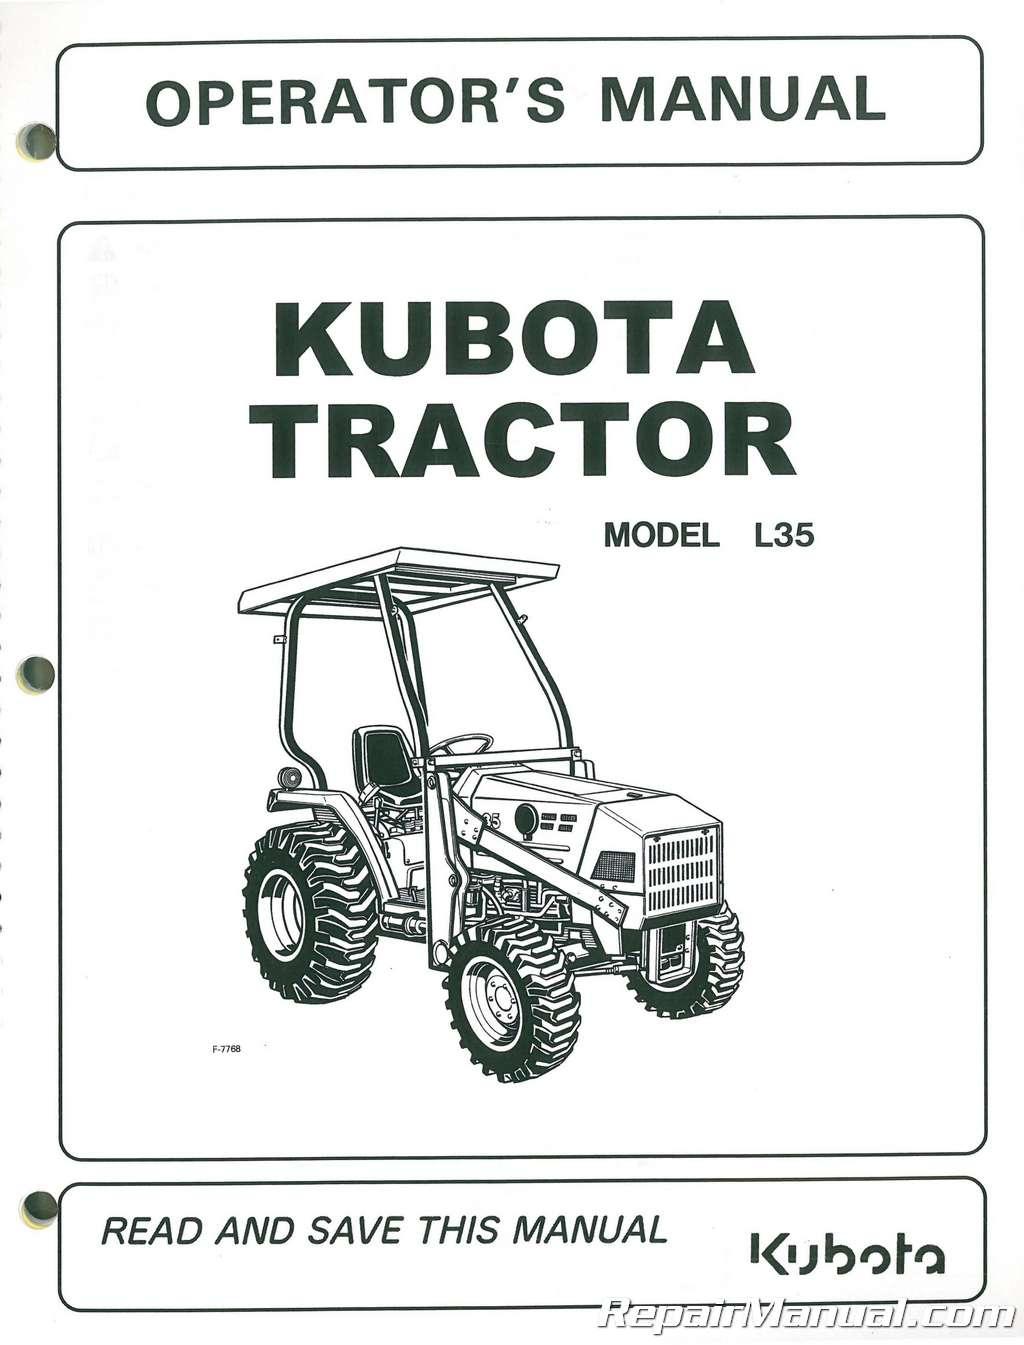 kubota l35 operators manual rh repairmanual com Kubota L2350 Tractor 1990 Sale Kubota Tractor Parts Diagram Online